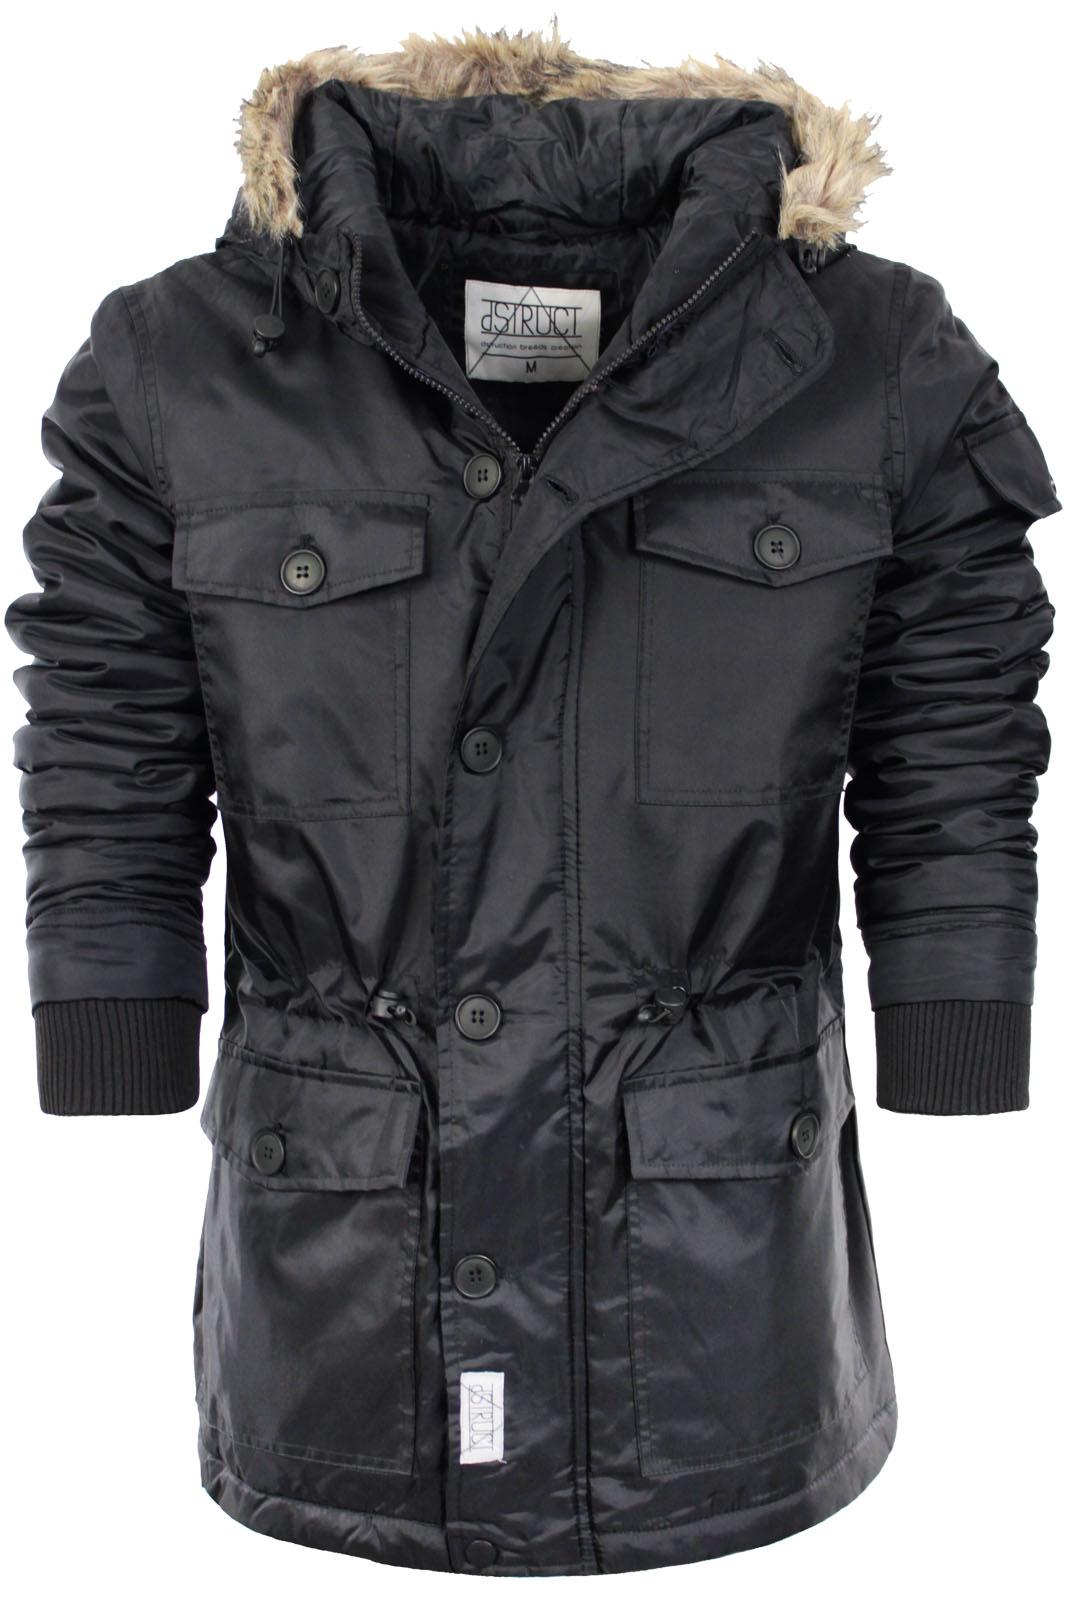 Mens Parka Parker Padded Lined Hood Winter Jacket Faux Fur